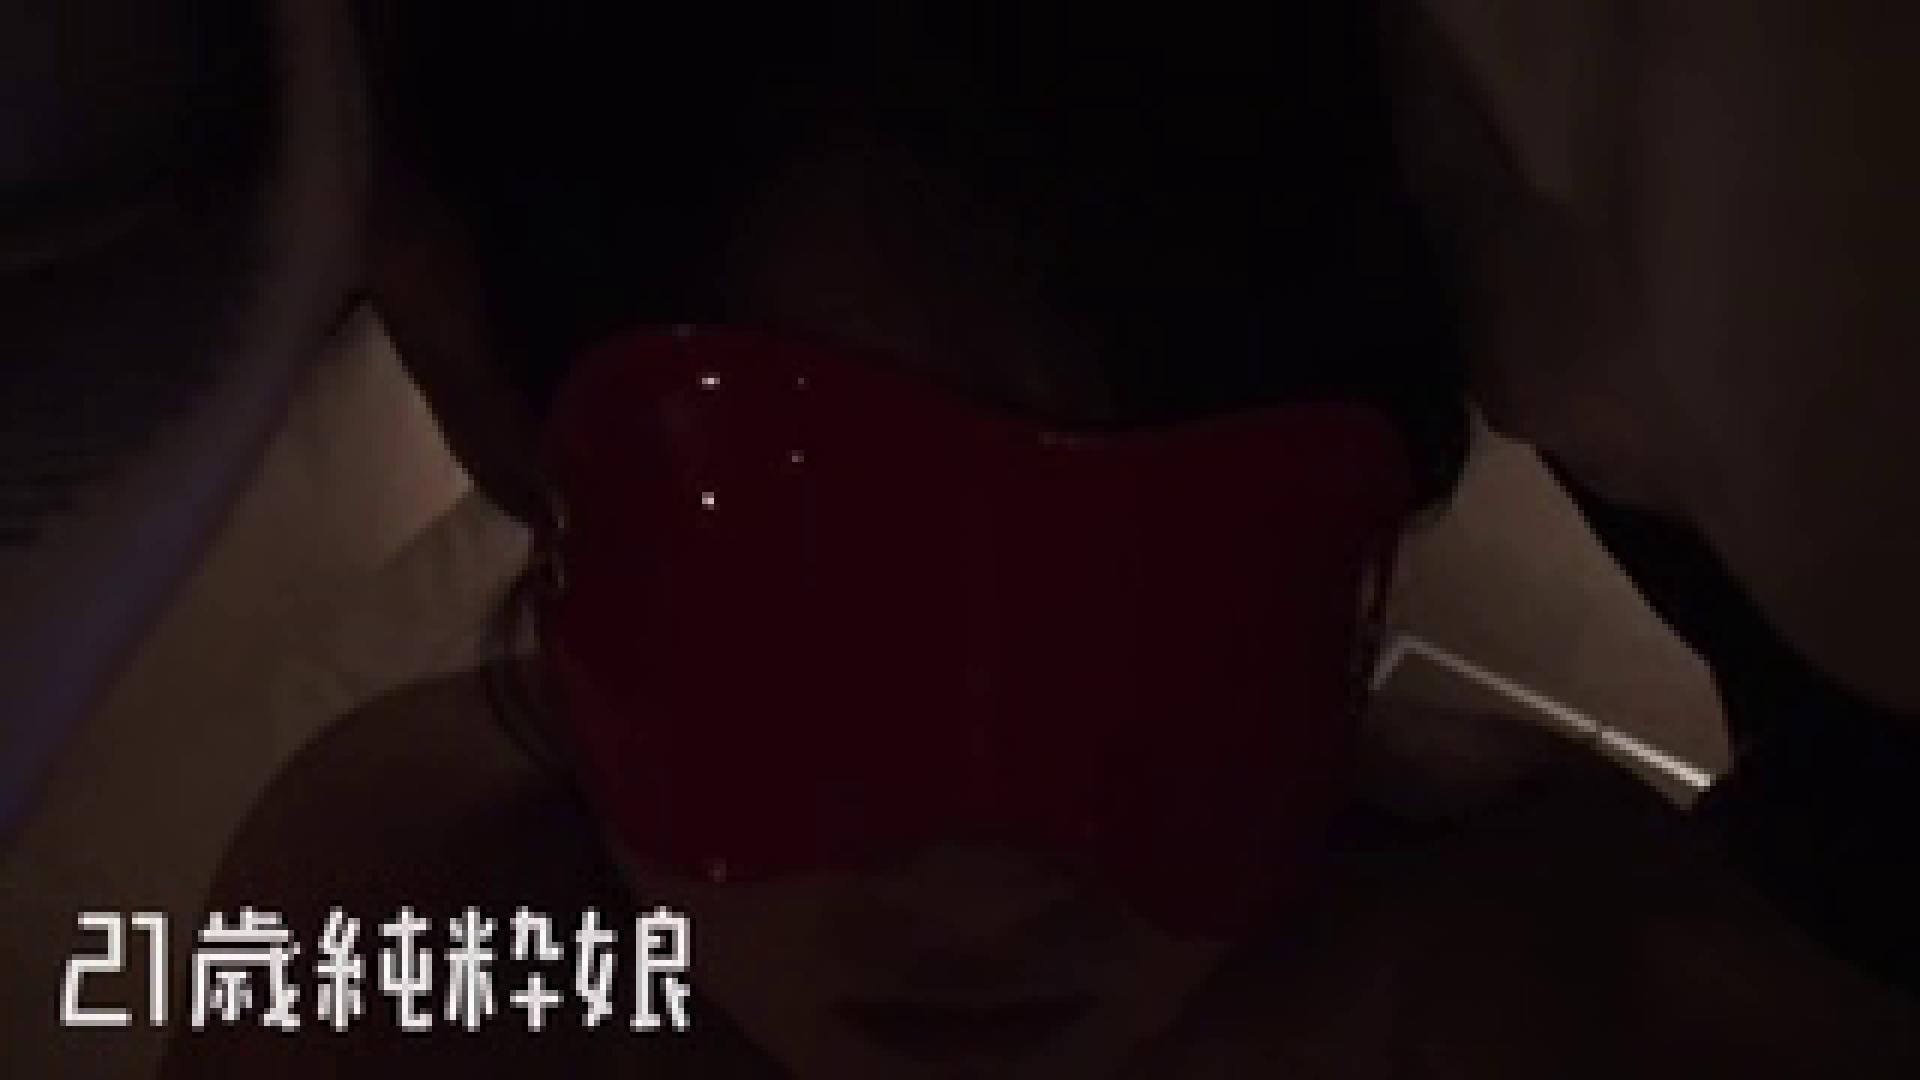 上京したばかりのGカップ21歳純粋嬢を都合の良い女にしてみた4 ホテル | ギャル達のおっぱい  96画像 35